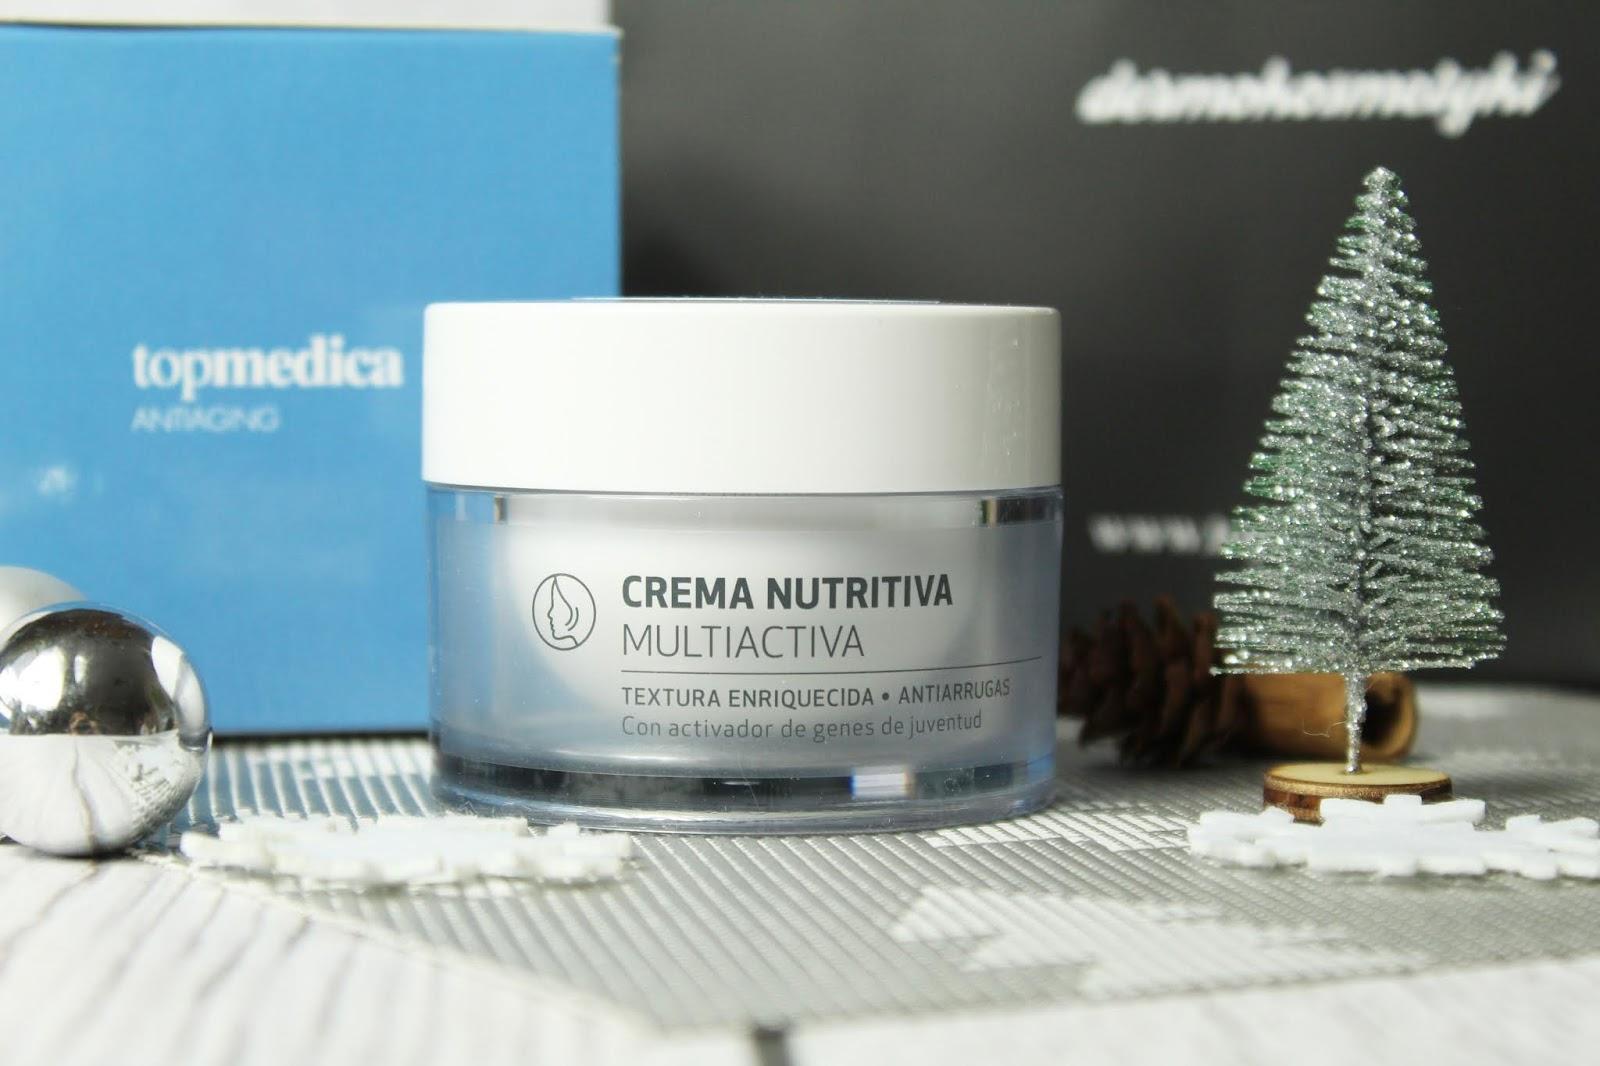 Crema Nutritiva Multiactiva Krem Odżywczy Multiaktywny topmedica